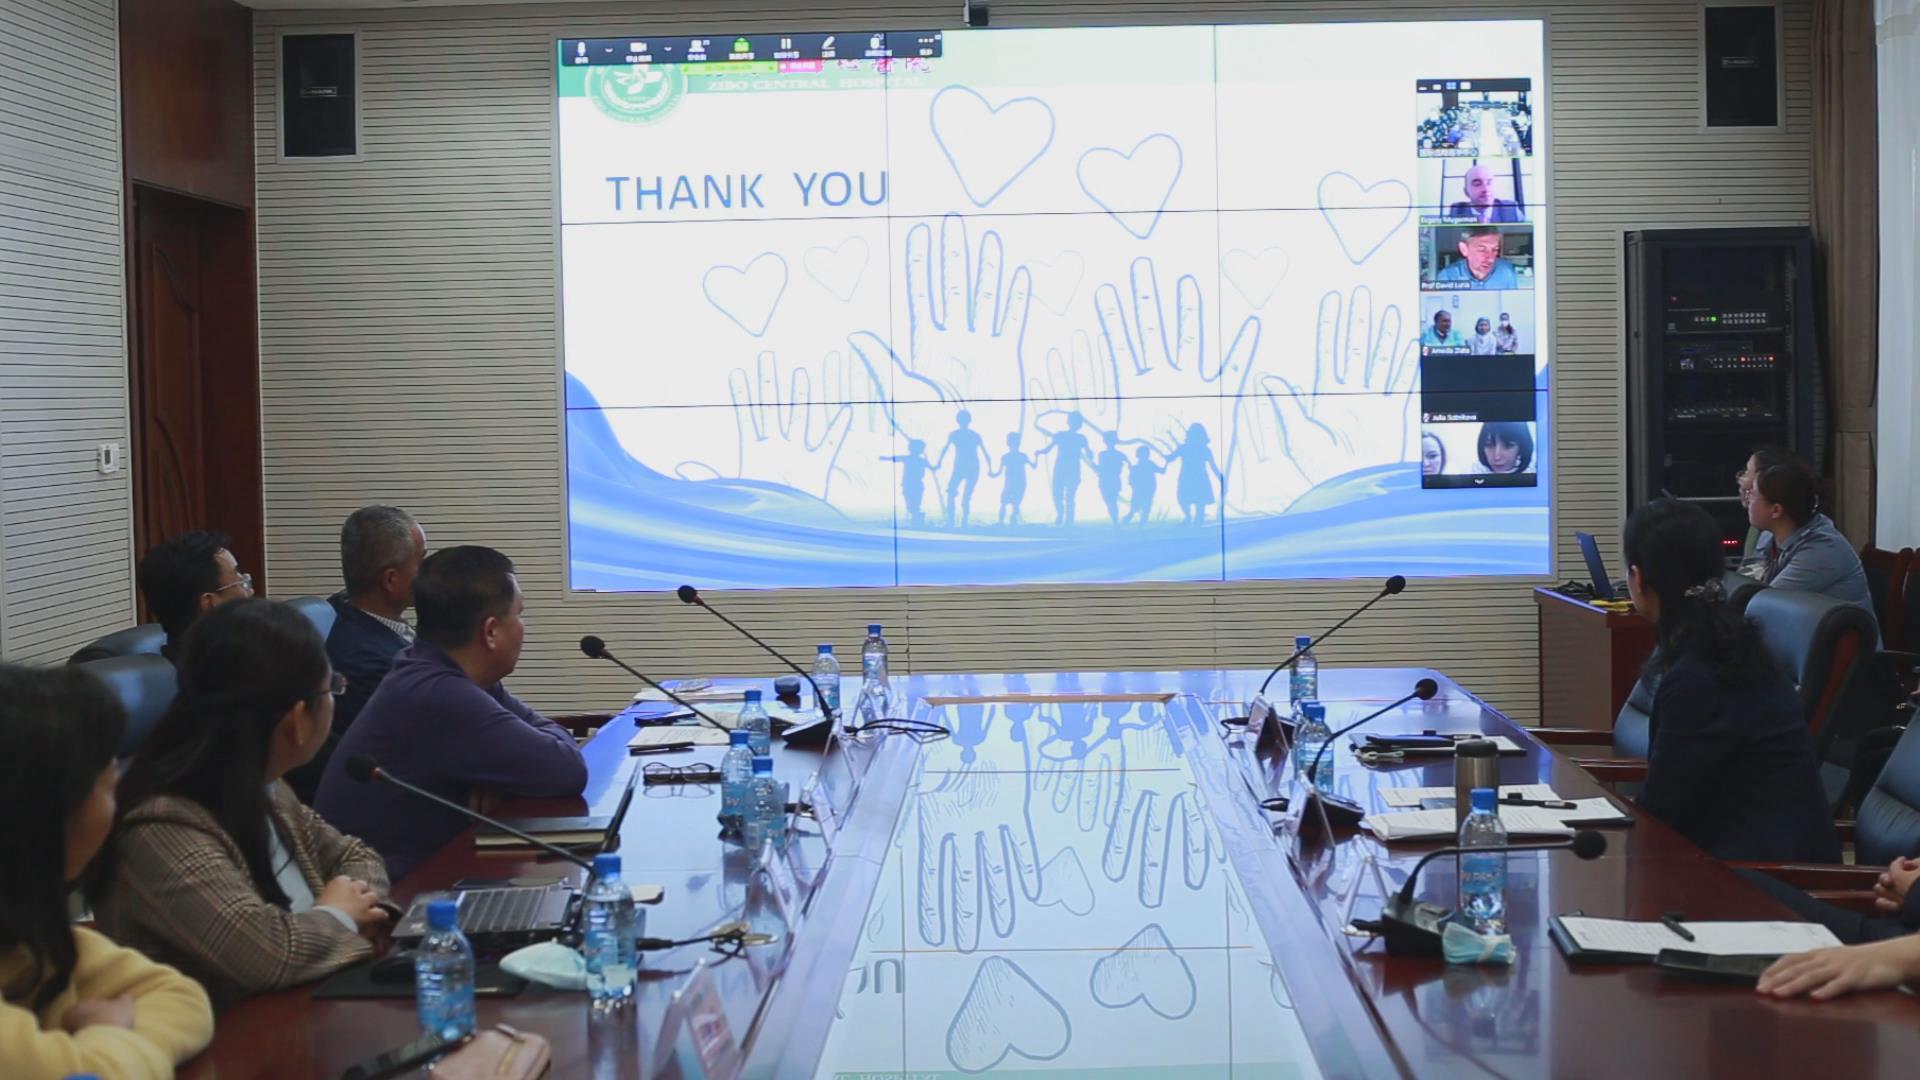 3月25日,淄博市中心医院与国际友好医院专家通过视频会议交流新冠肺炎相关情况